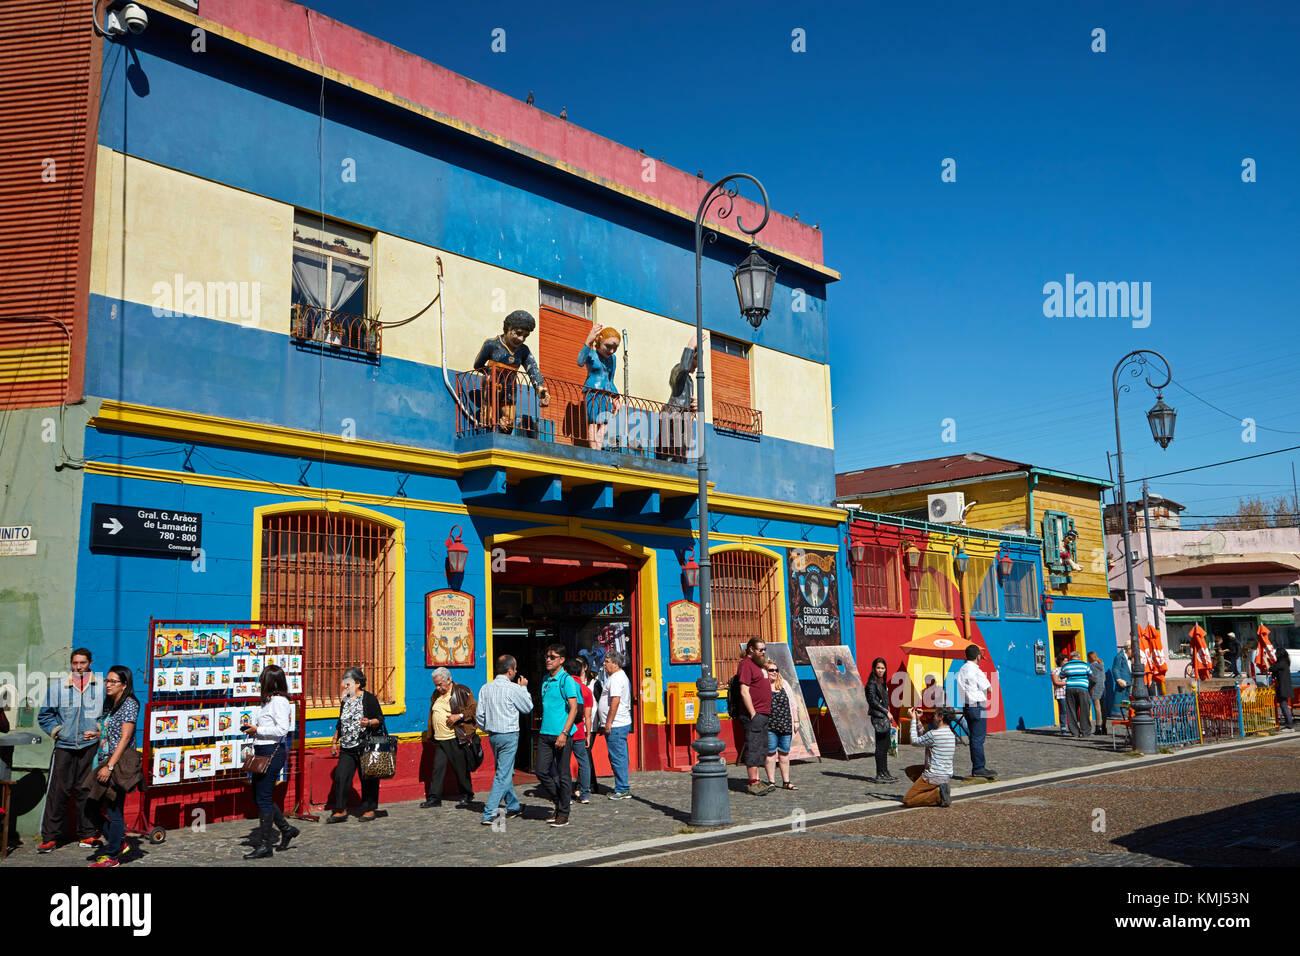 Turistas y tiendas de souvenirs, la boca, buenos aires, argentina, SUDAMÉRICA Imagen De Stock